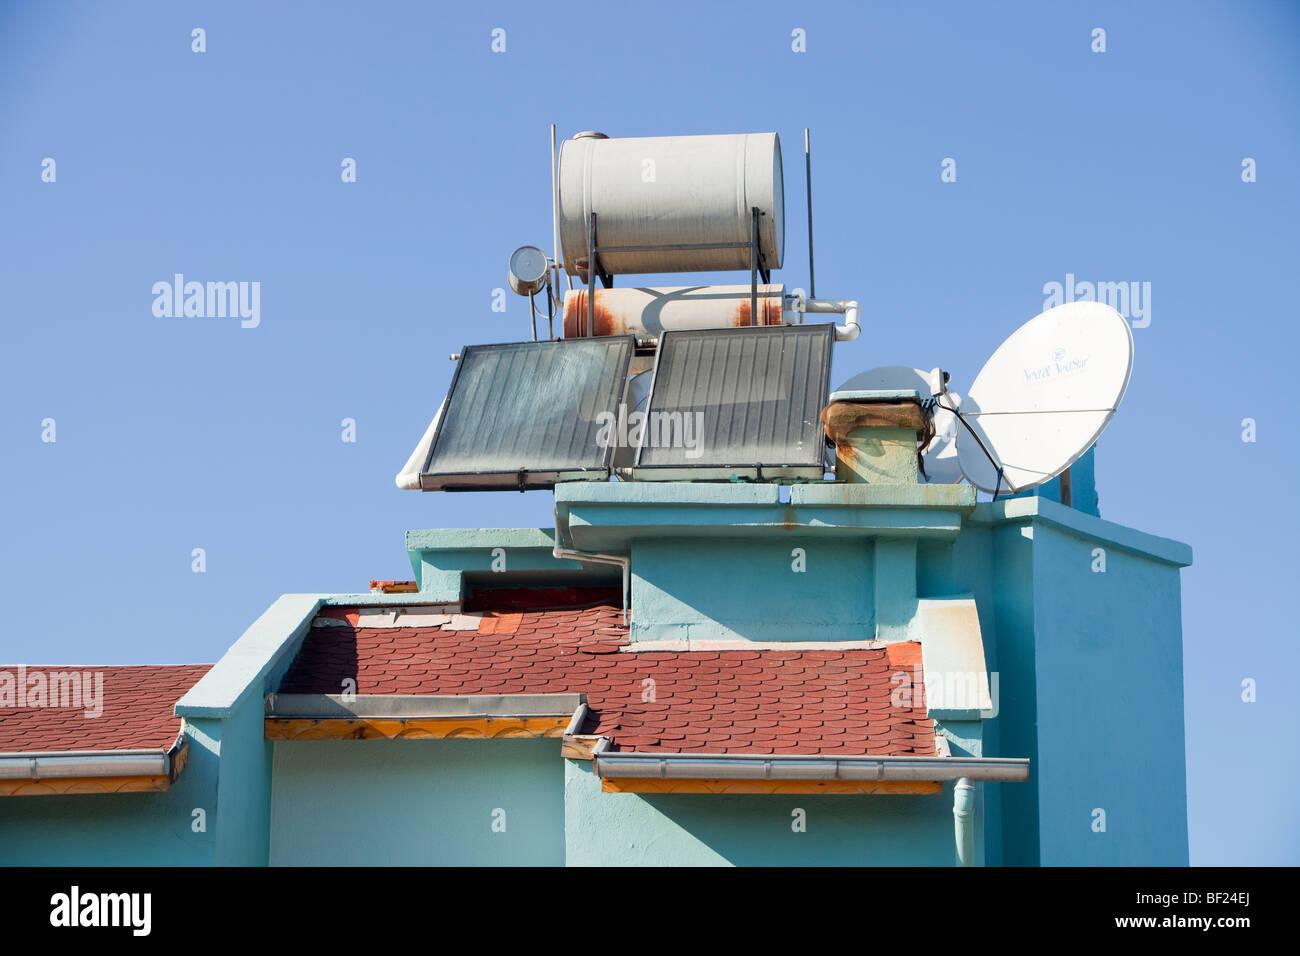 Chauffe-eau solaire sur les toits de maison Teos, Turquie. Photo Stock